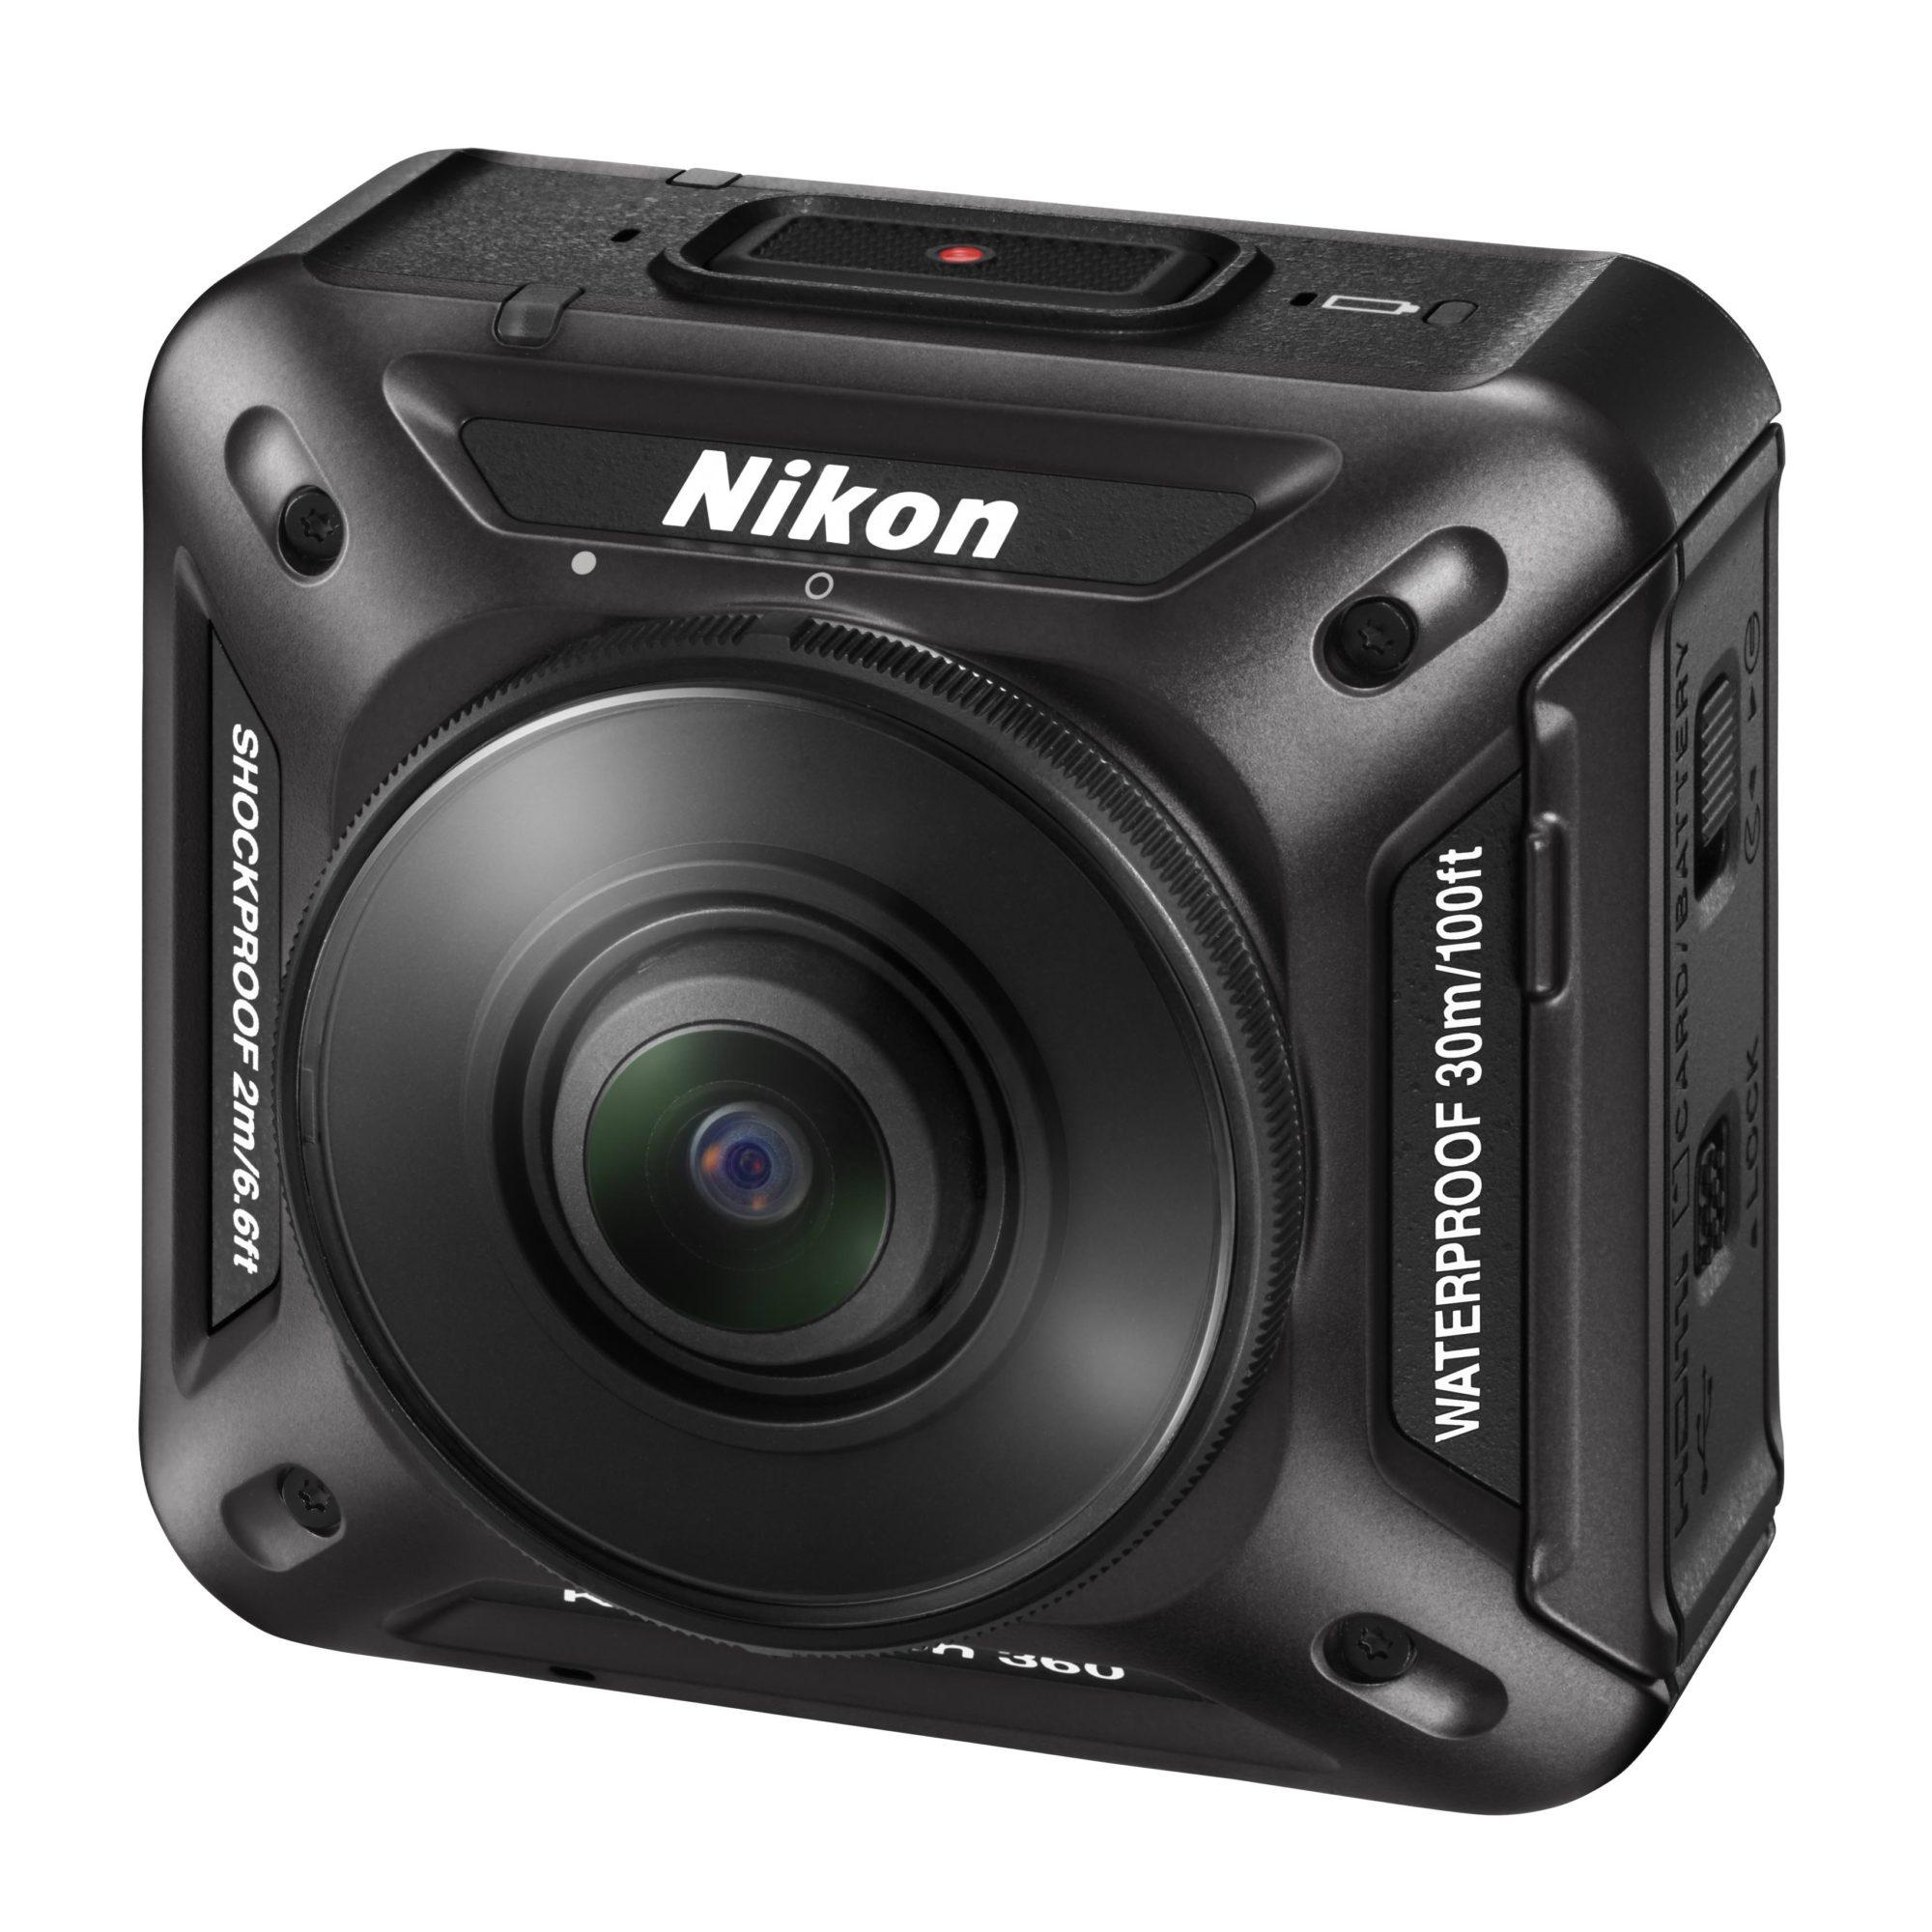 Nikon 360_front_left